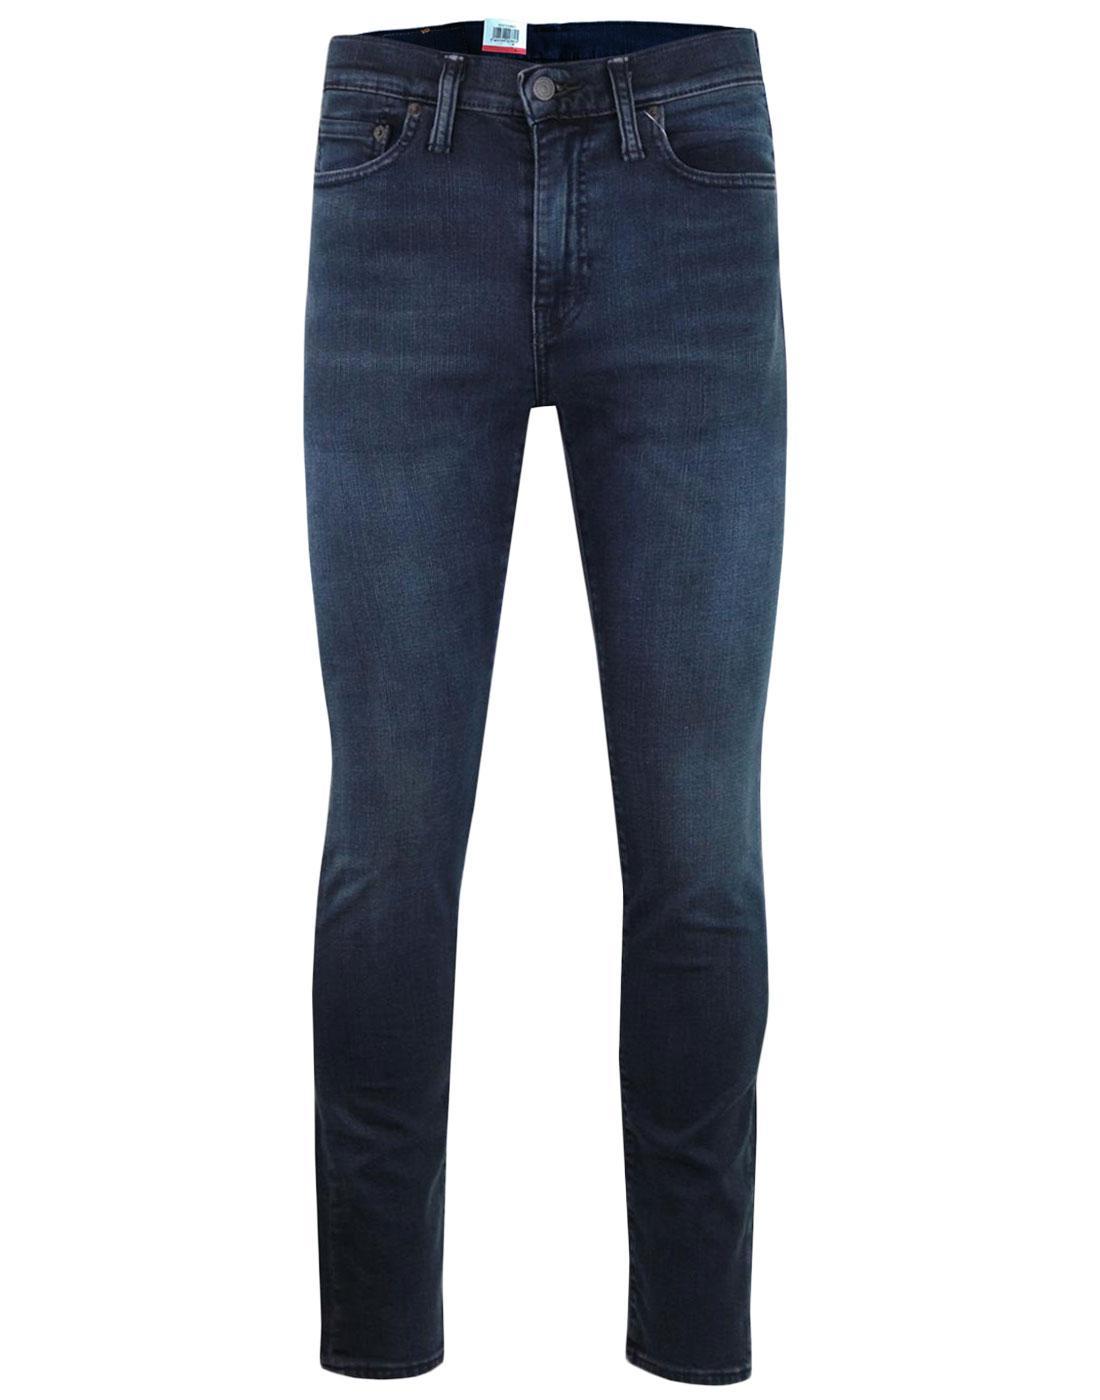 LEVI'S 510 Mod Skinny Fit Jeans EYSER BLUE STRETCH